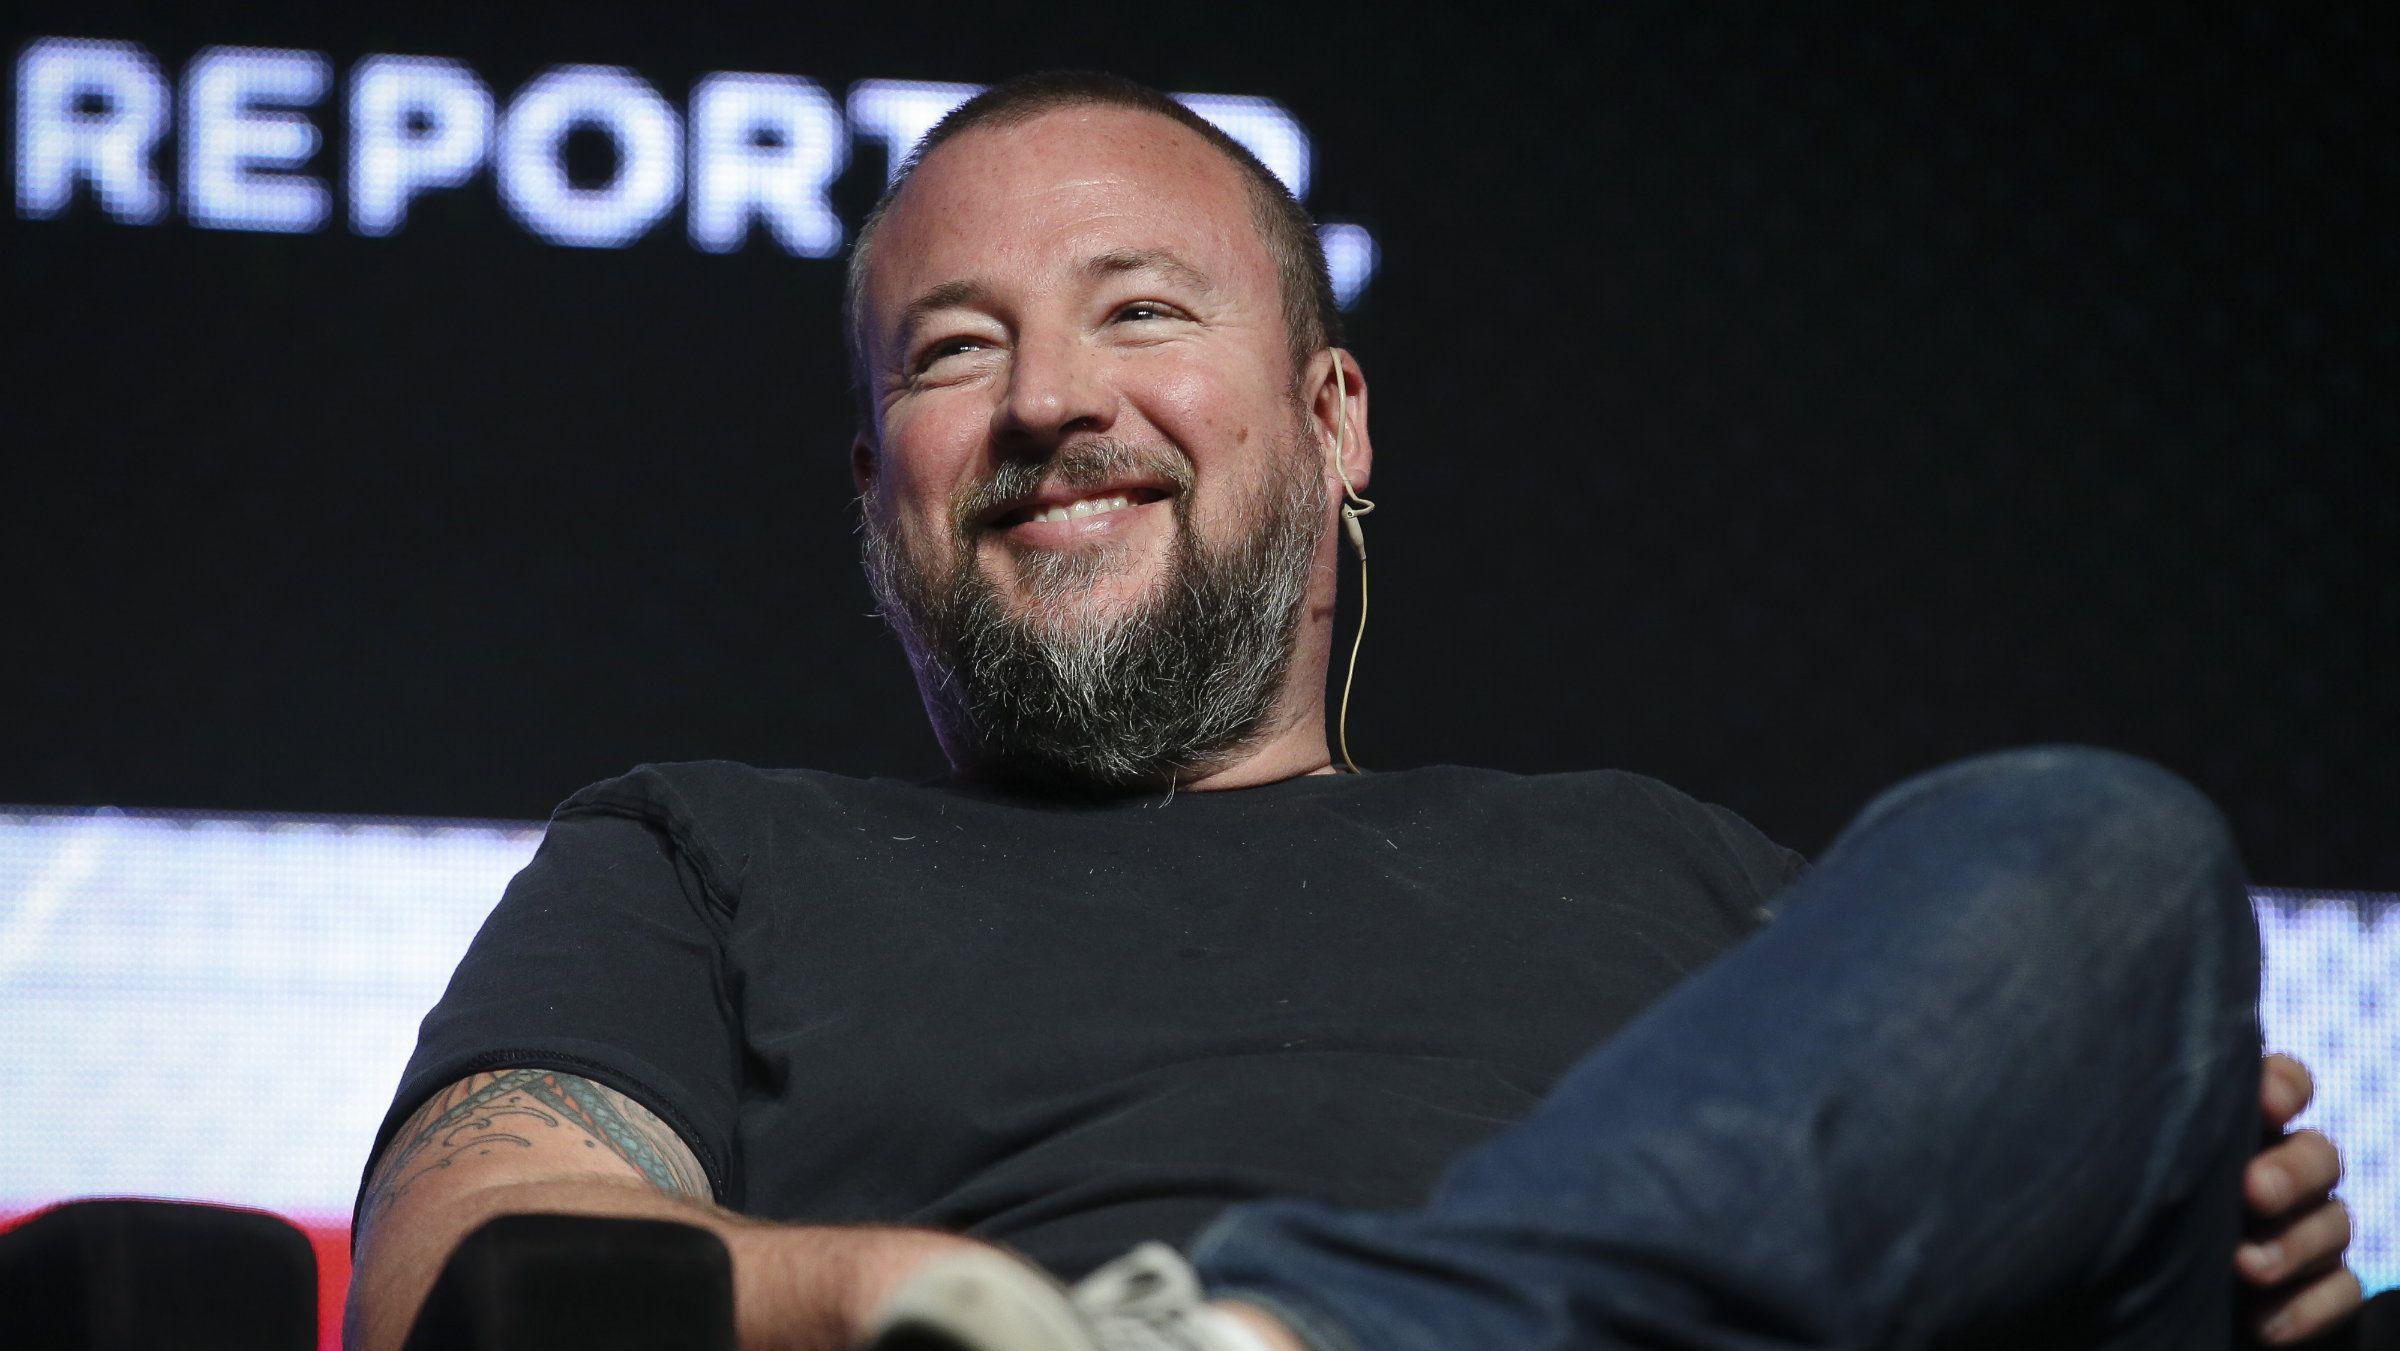 Vice Media's Shane Smith